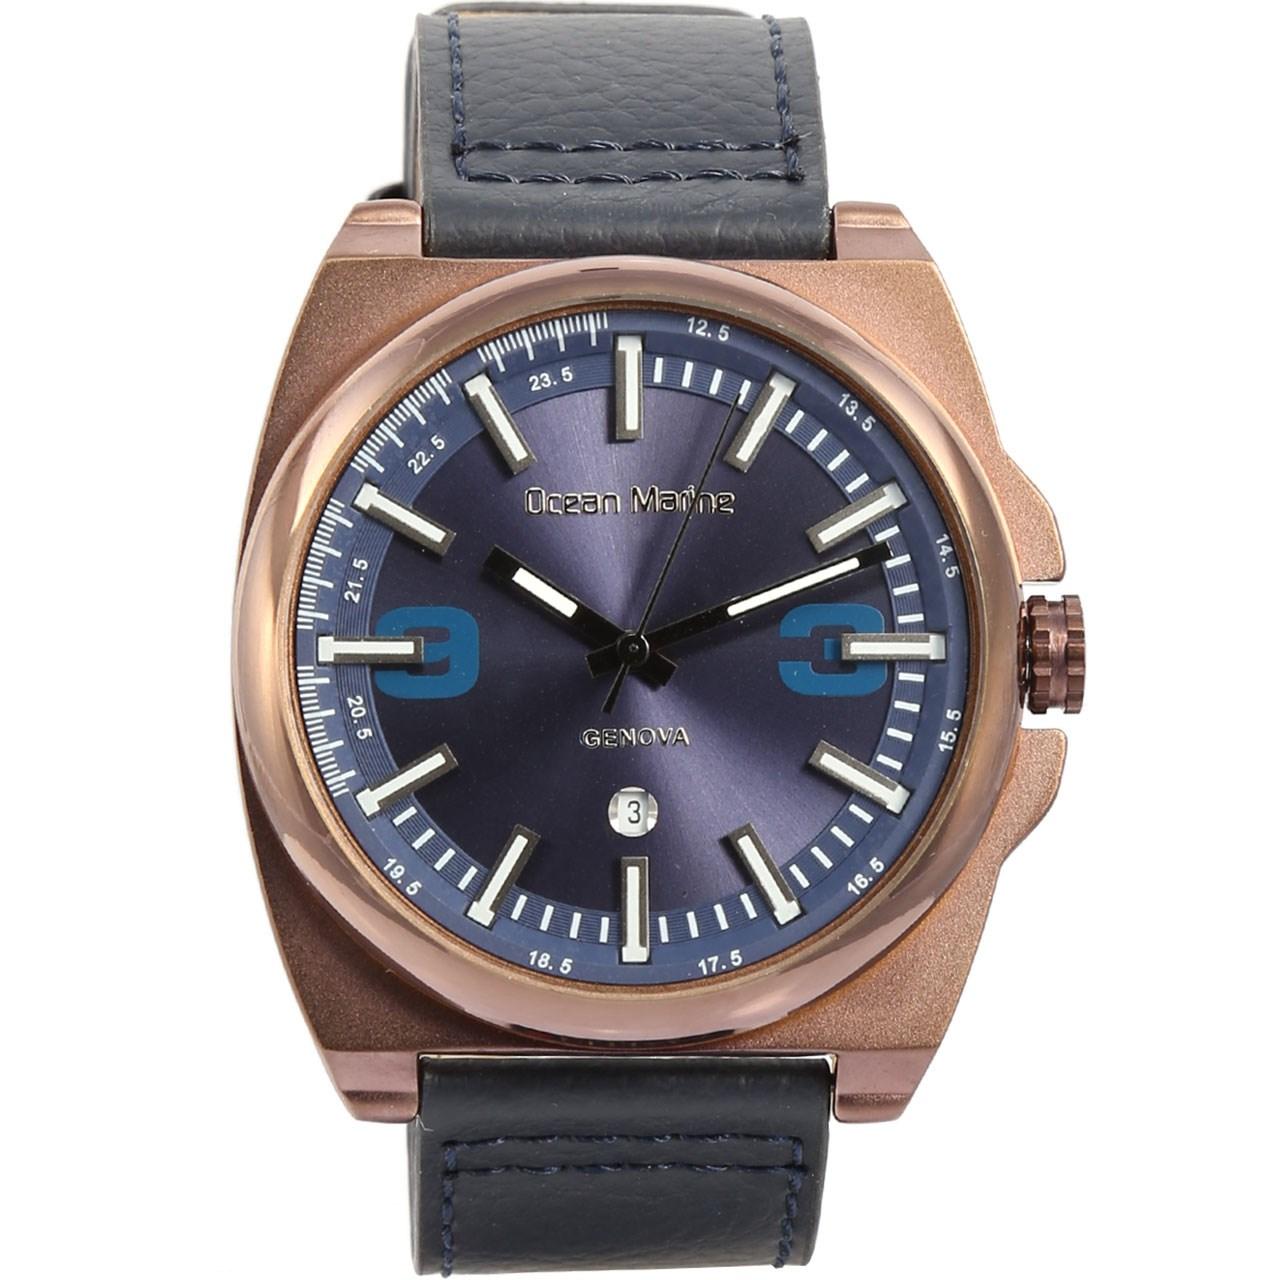 ساعت مچی عقربه ای مردانه اوشن مارین مدل OM-8010-5 40